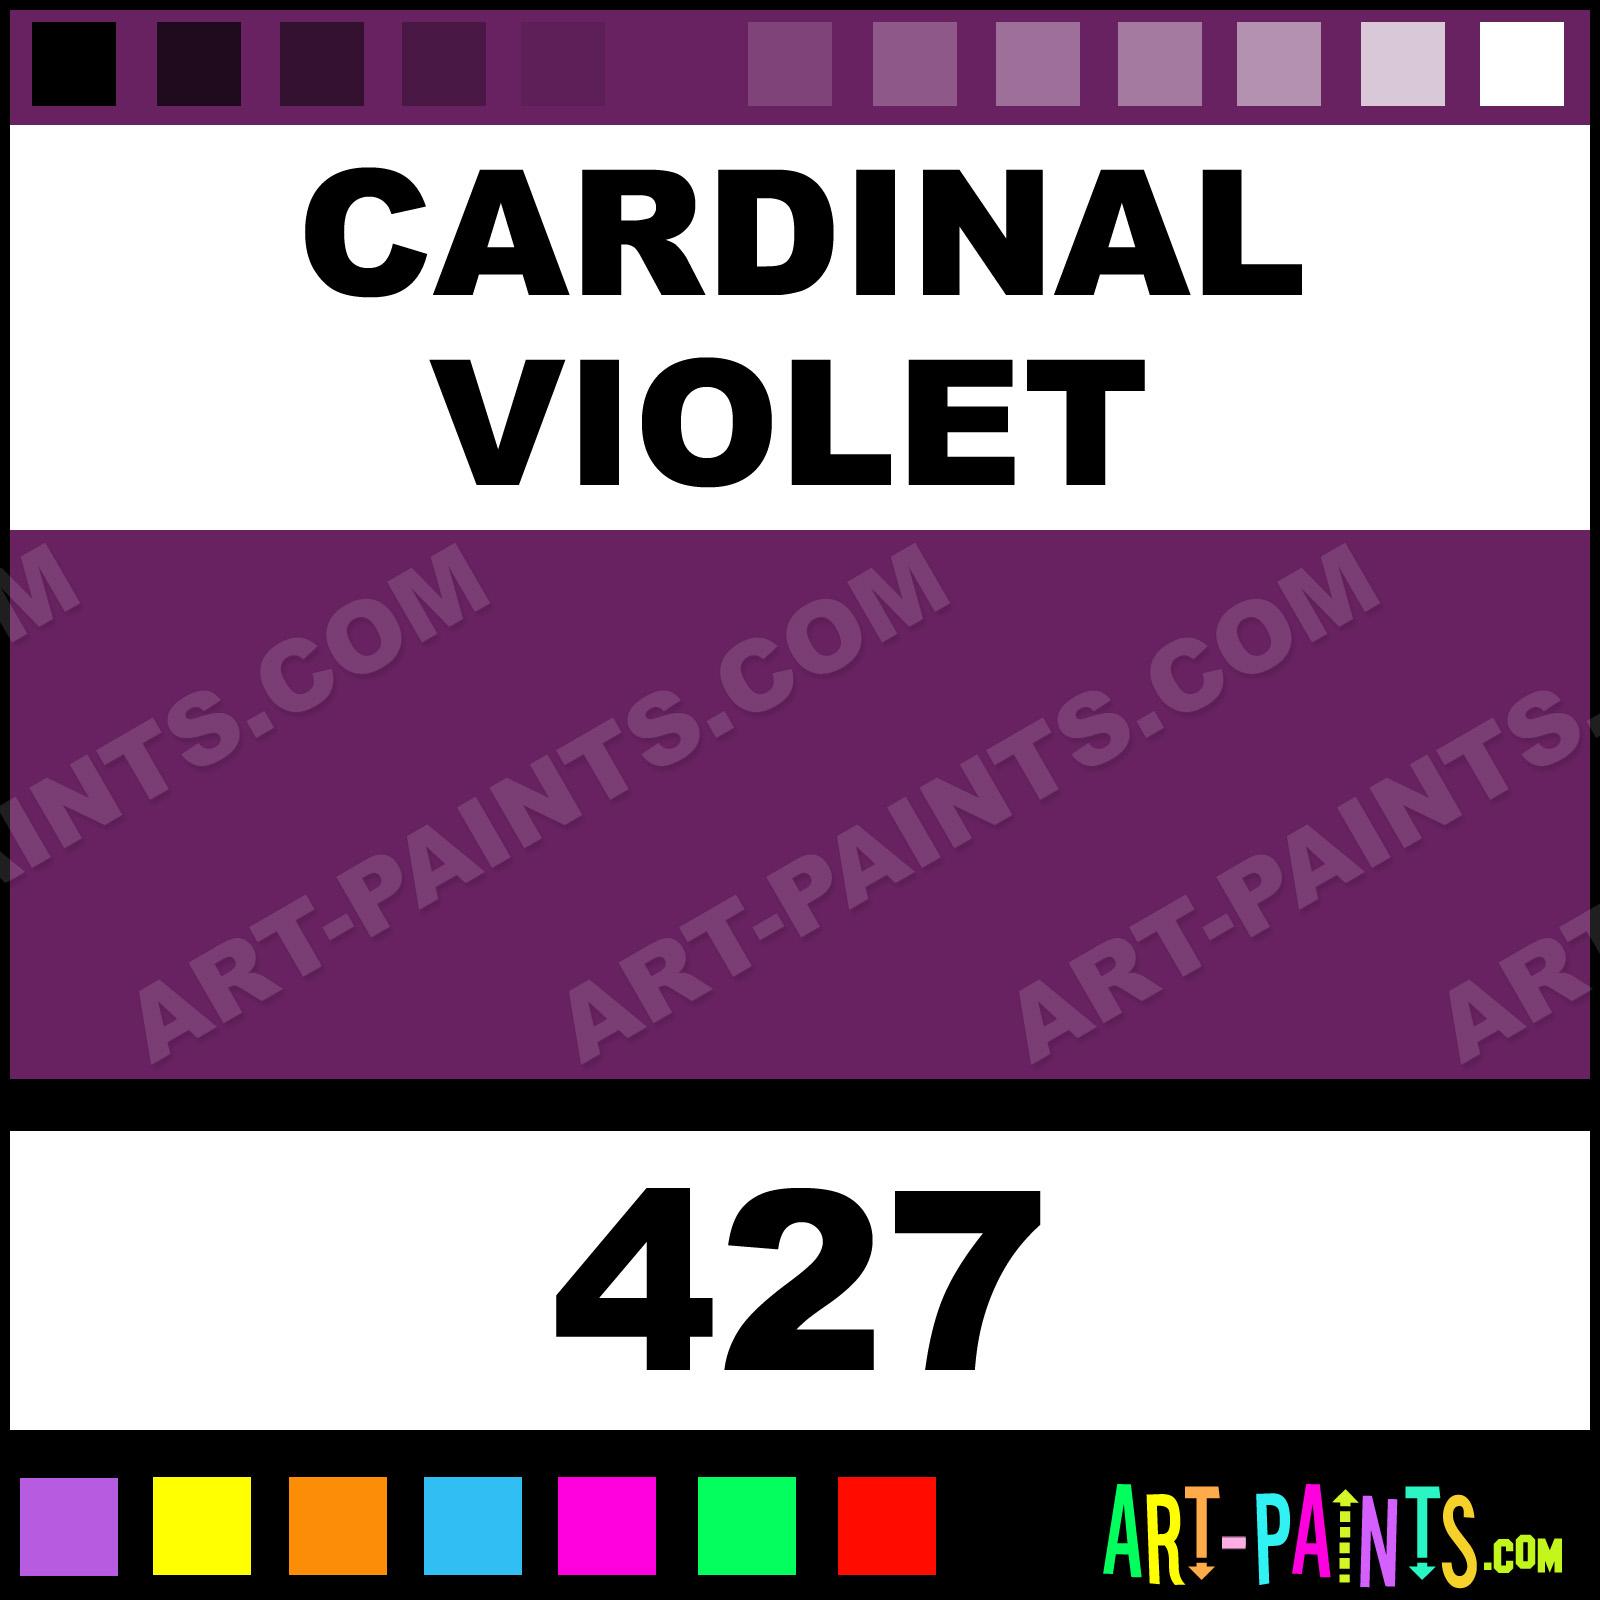 Cardinal Violet Artist Spray Paints - Aerosol Decorative Paints